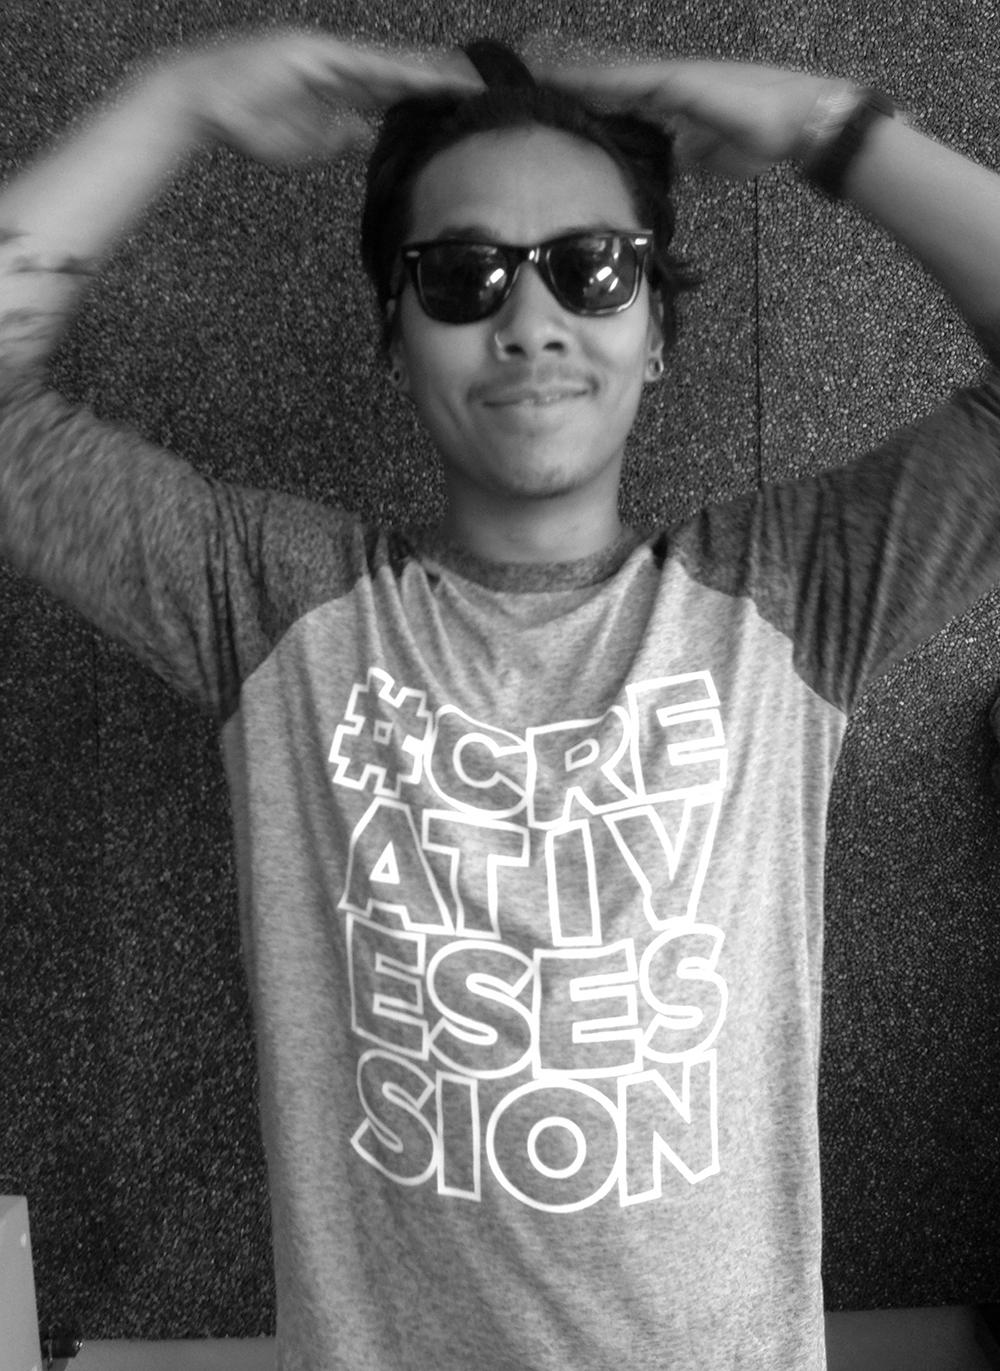 creativesession_hashtag_hoangmnguyen